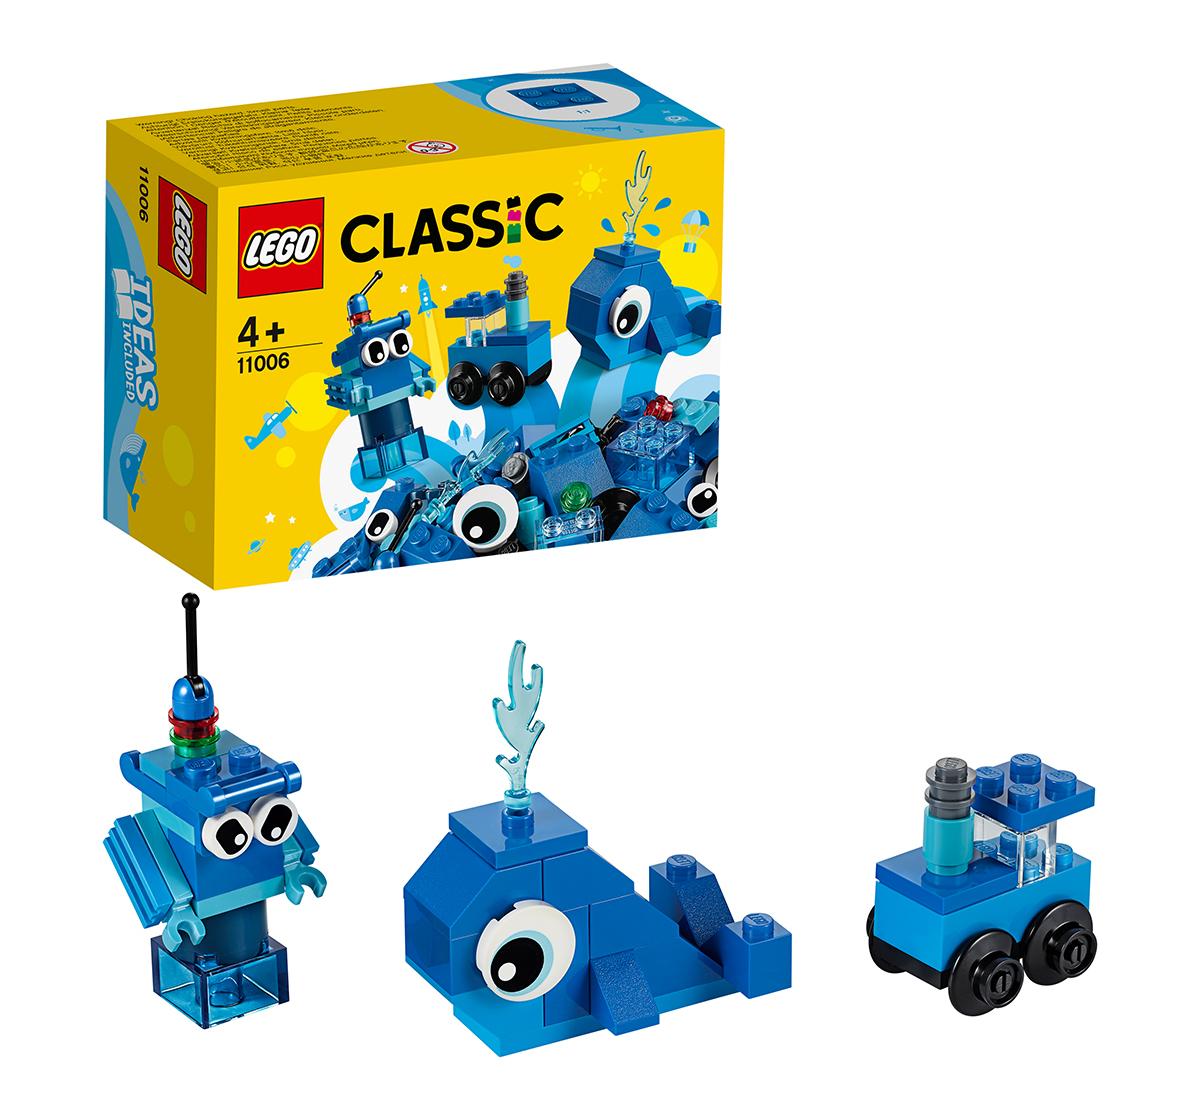 LEGO | LEGO 11006 Creative Blue Bricks Lego Blocks for Kids age 4Y+